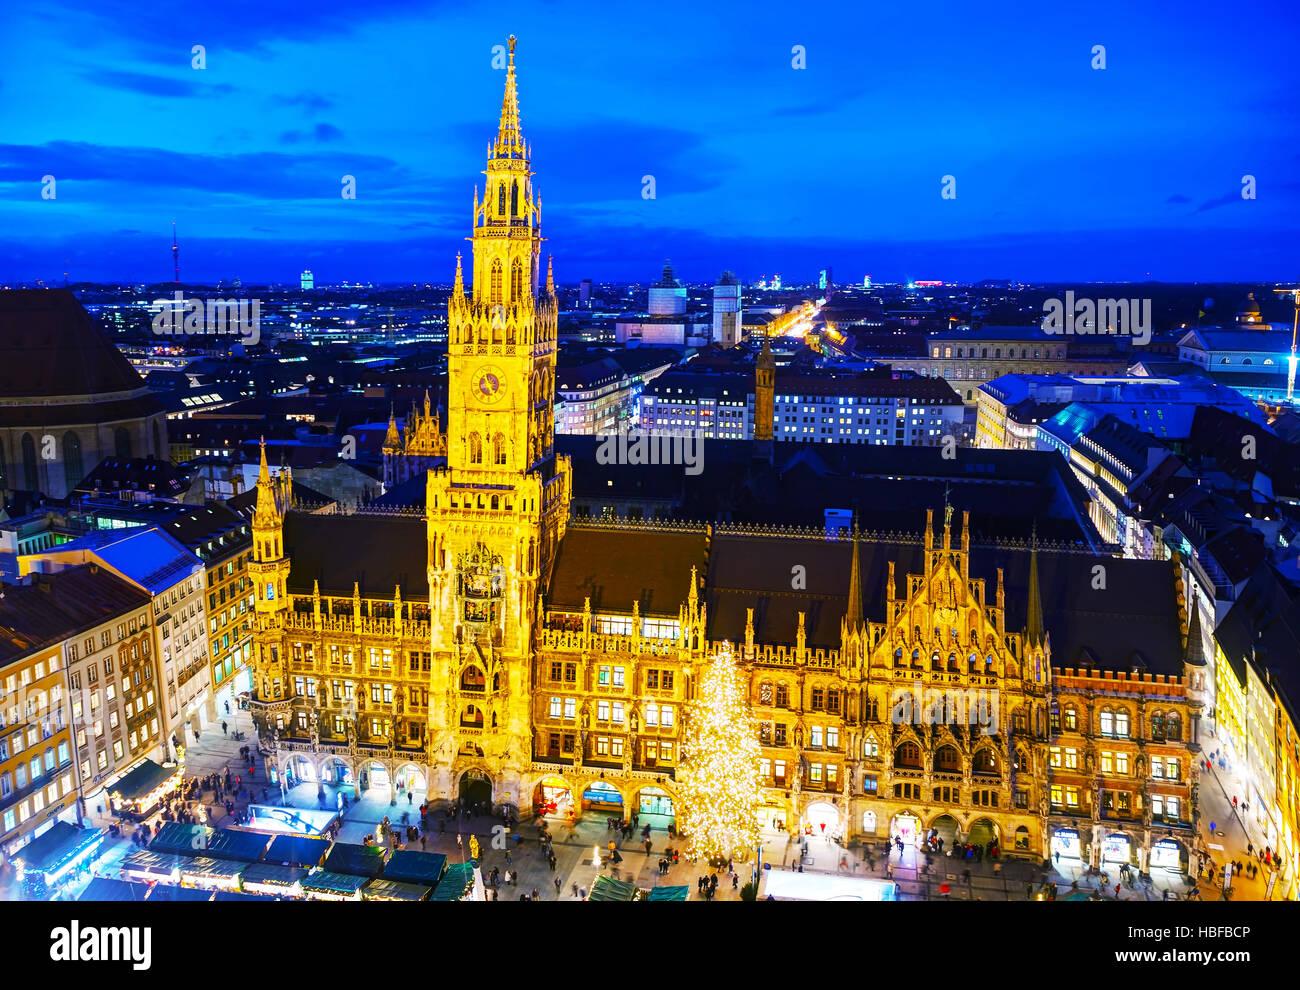 MUNICH - 30 de noviembre: Antena descripción de Marienplatz con el pueblo el 30 de noviembre de 2015 en Munich. Imagen De Stock